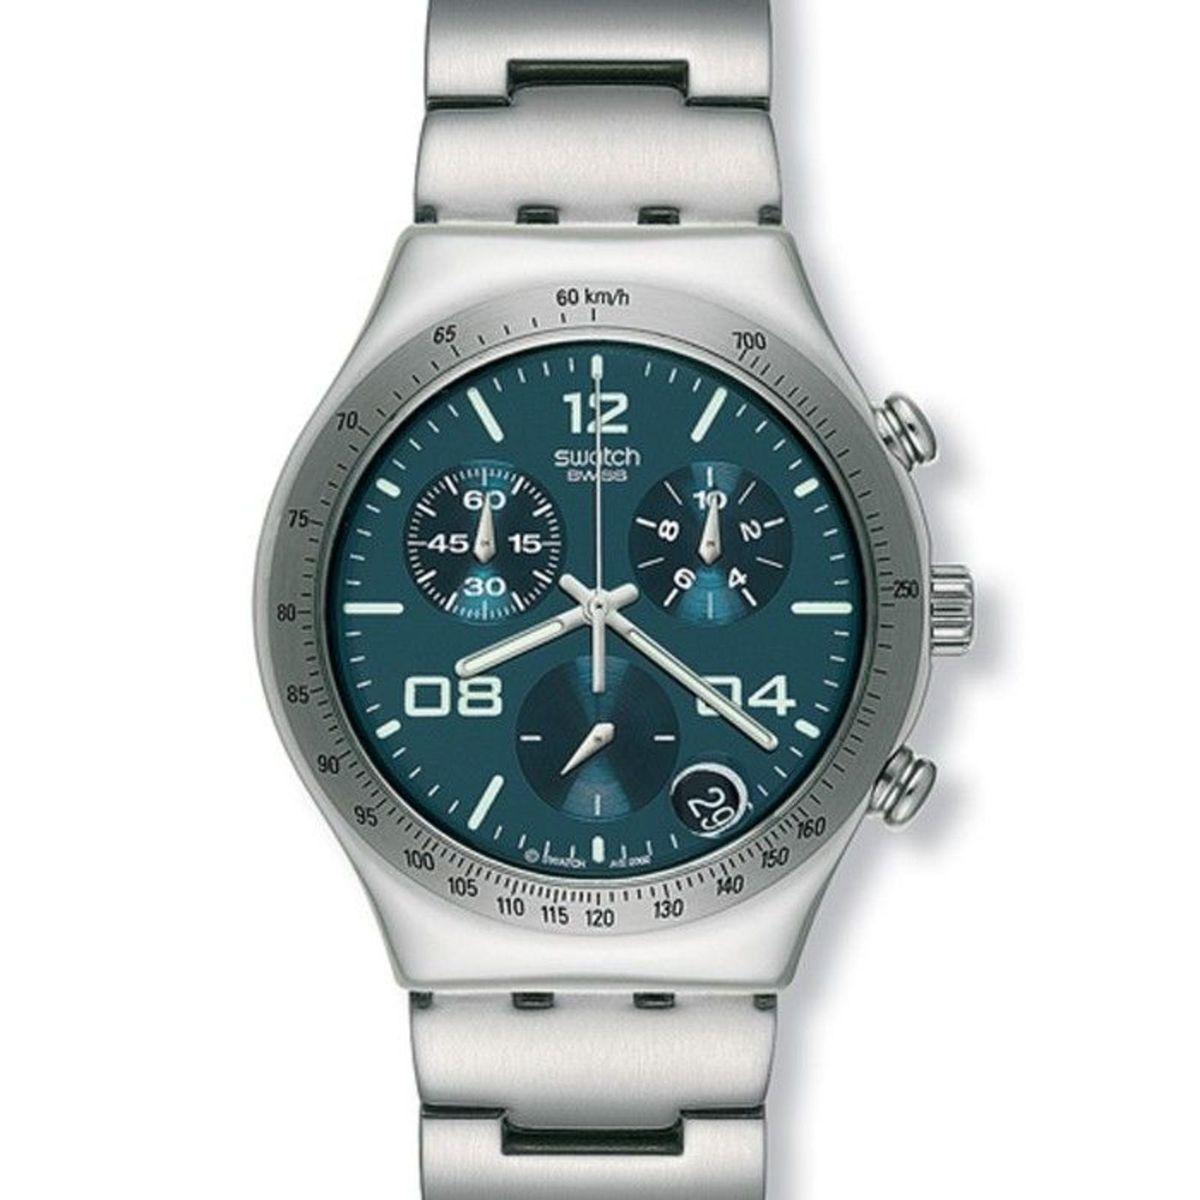 d62c1979560 Relógio Swatch Irony - Ycs438g